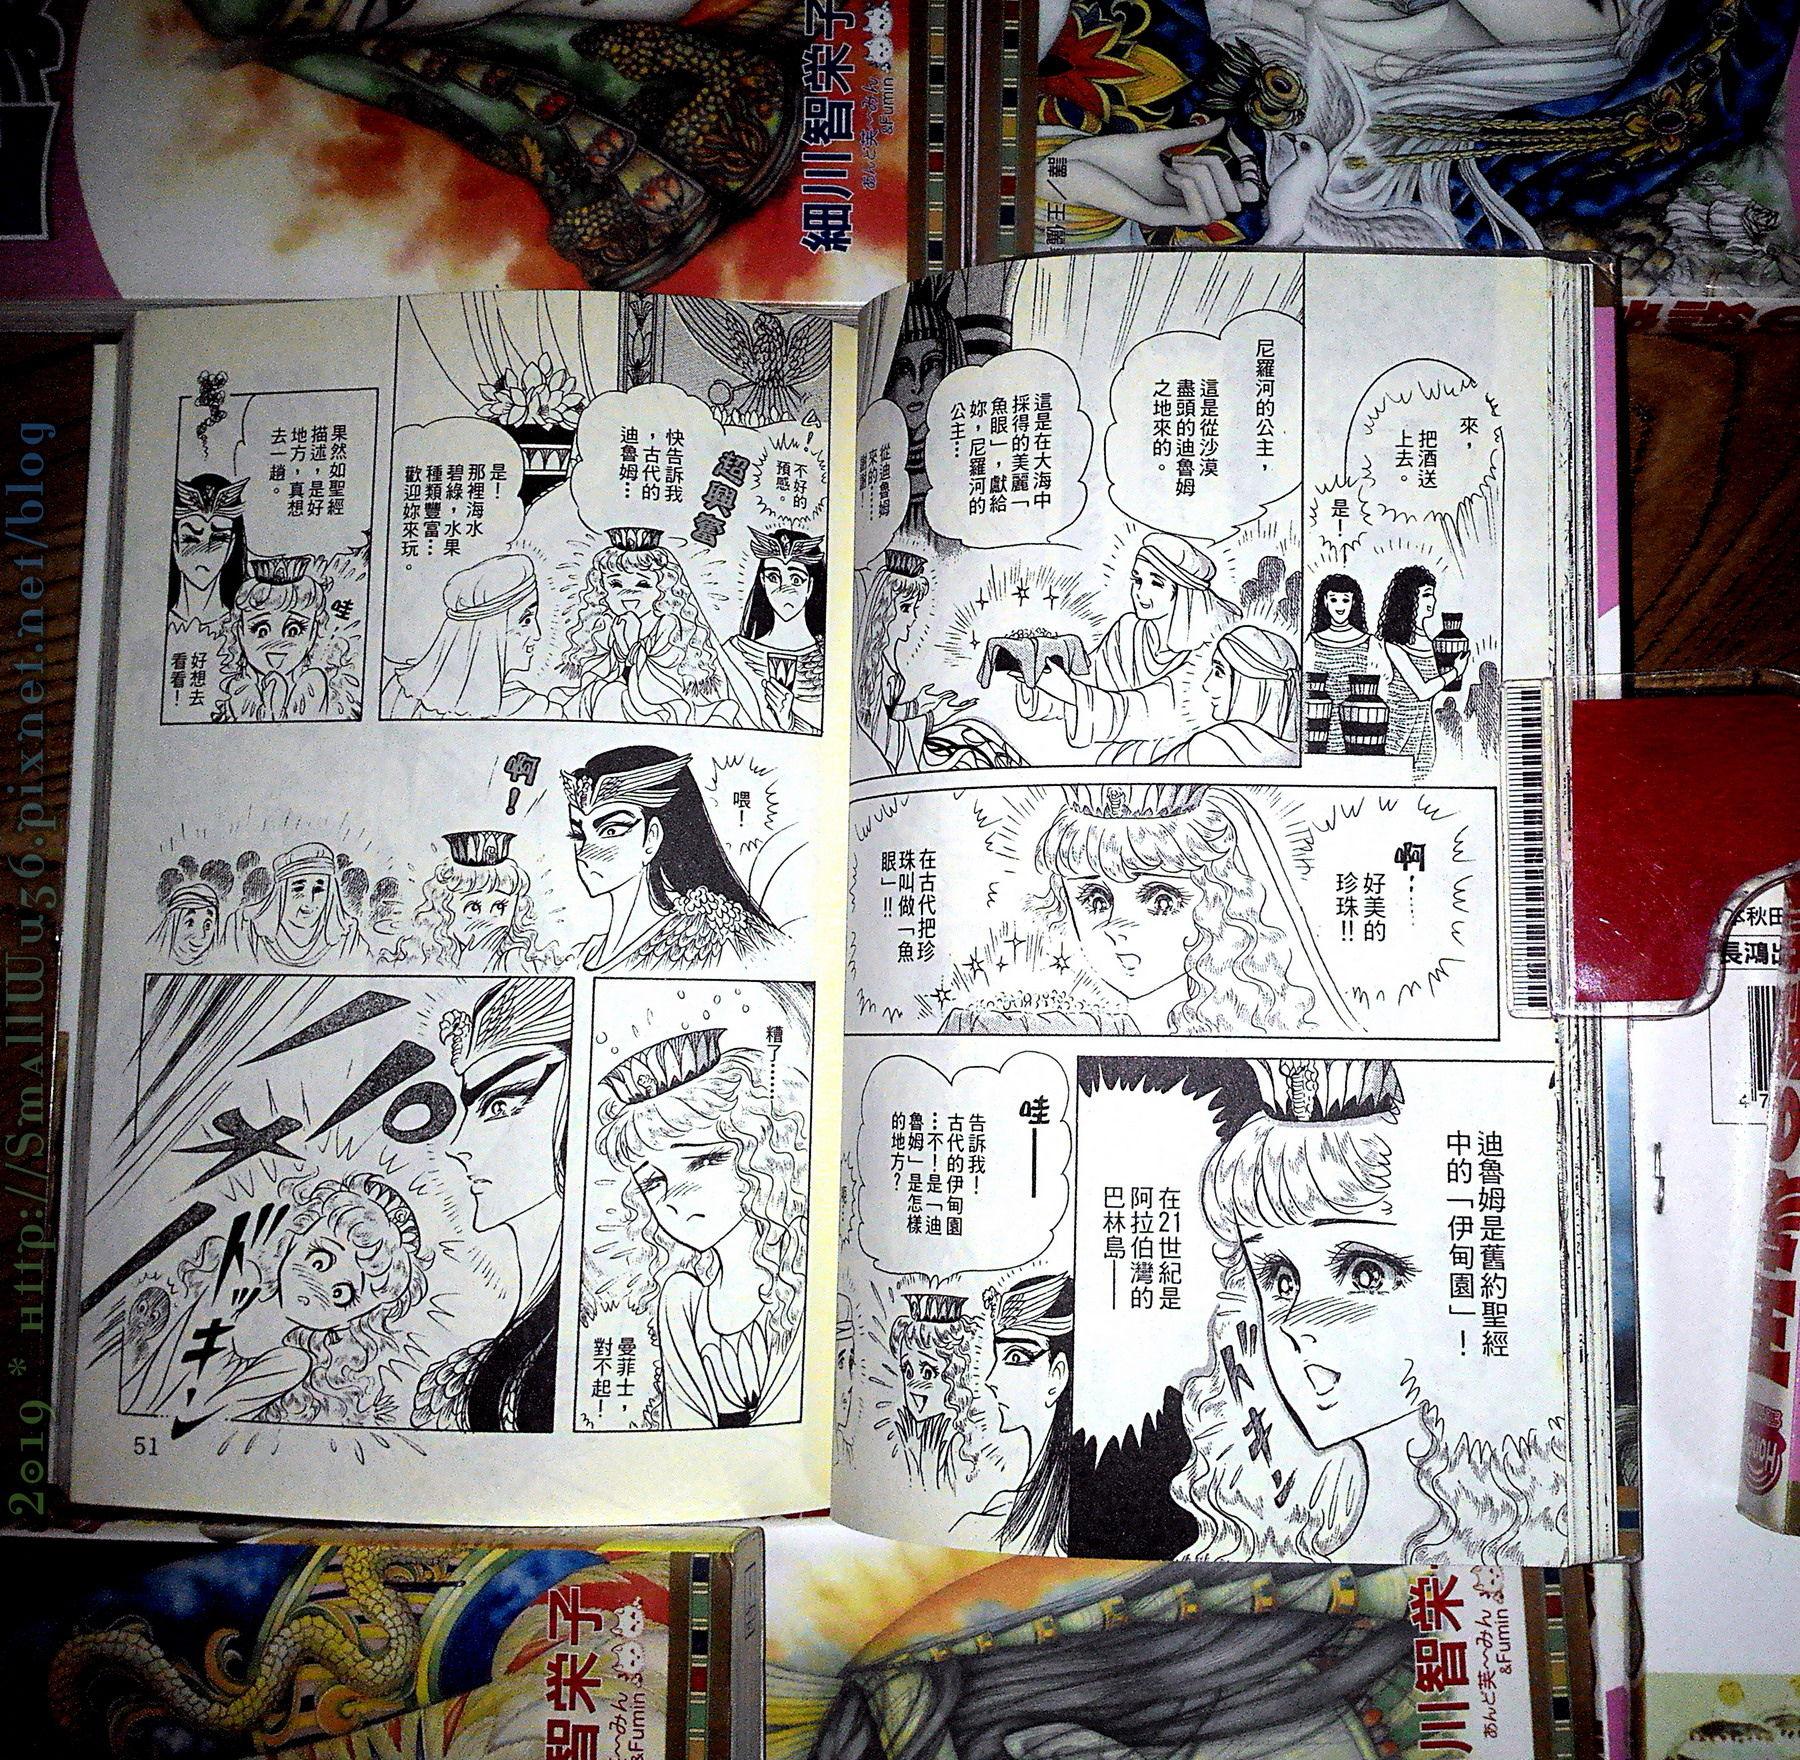 細川智榮子-王家的紋章(尼羅河女兒) 28-35 (長鴻)  vol_30 -2.jpg